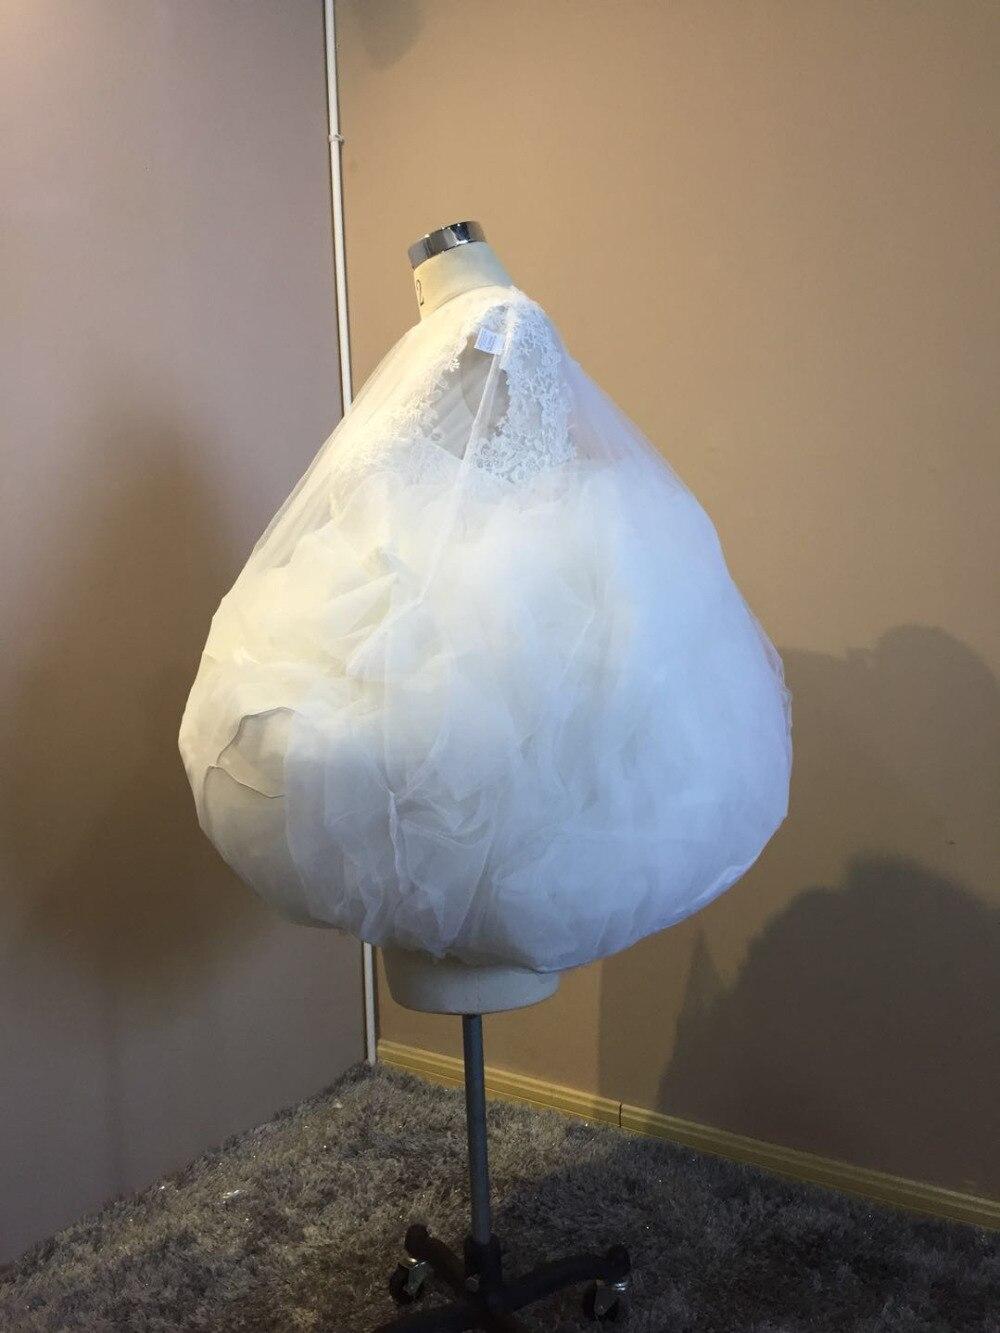 Parter nupcial fácil de usar en el baño enagua/crinolina/Ropa interior novia Slip accesorio de vestido de novia ahorrar agua